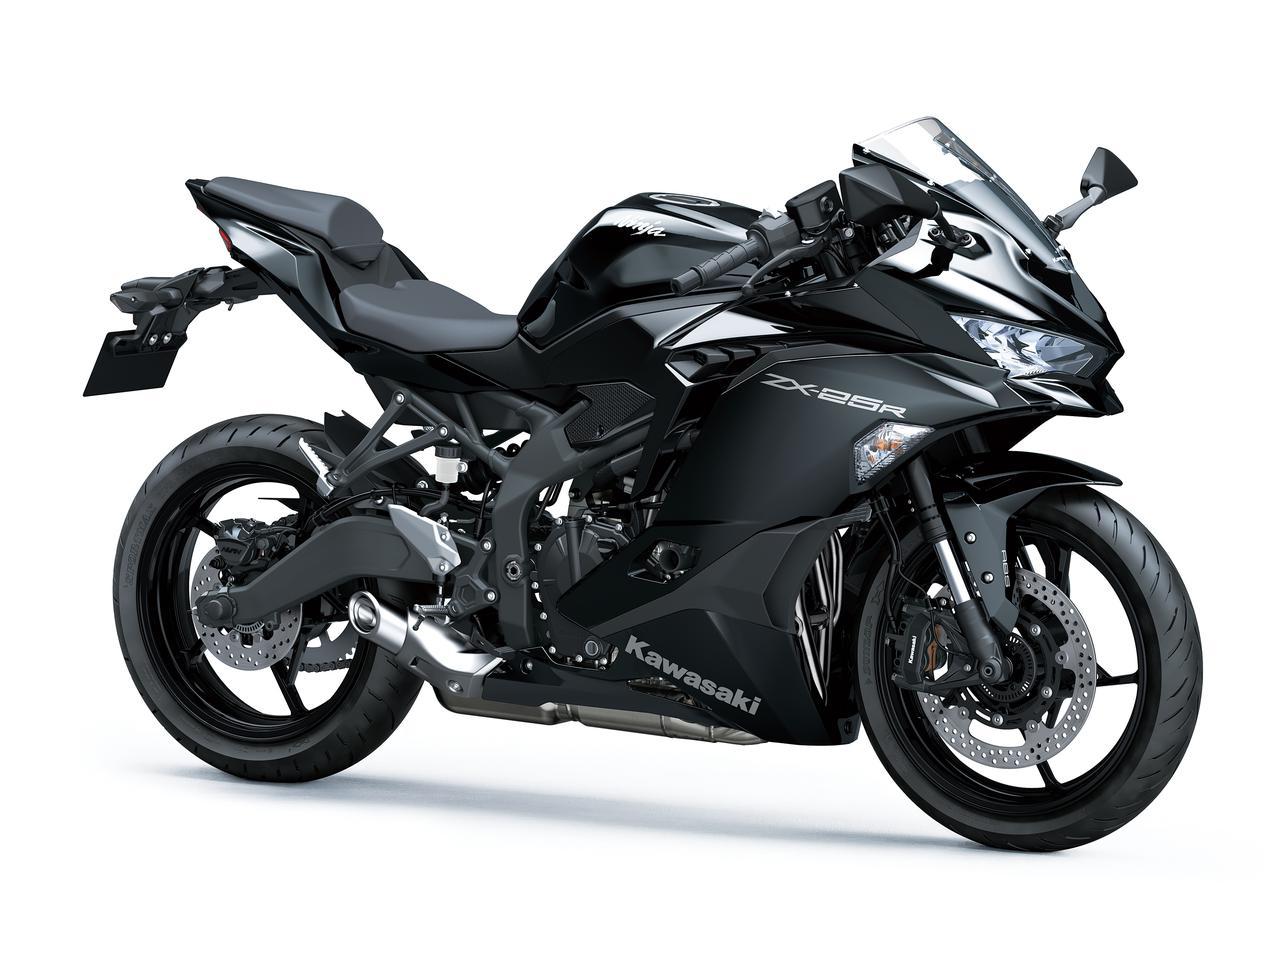 画像1: カワサキが「Ninja ZX-25R」の2022年モデルを発売! 250cc・4気筒スーパースポーツマシンの最新カラーをチェック